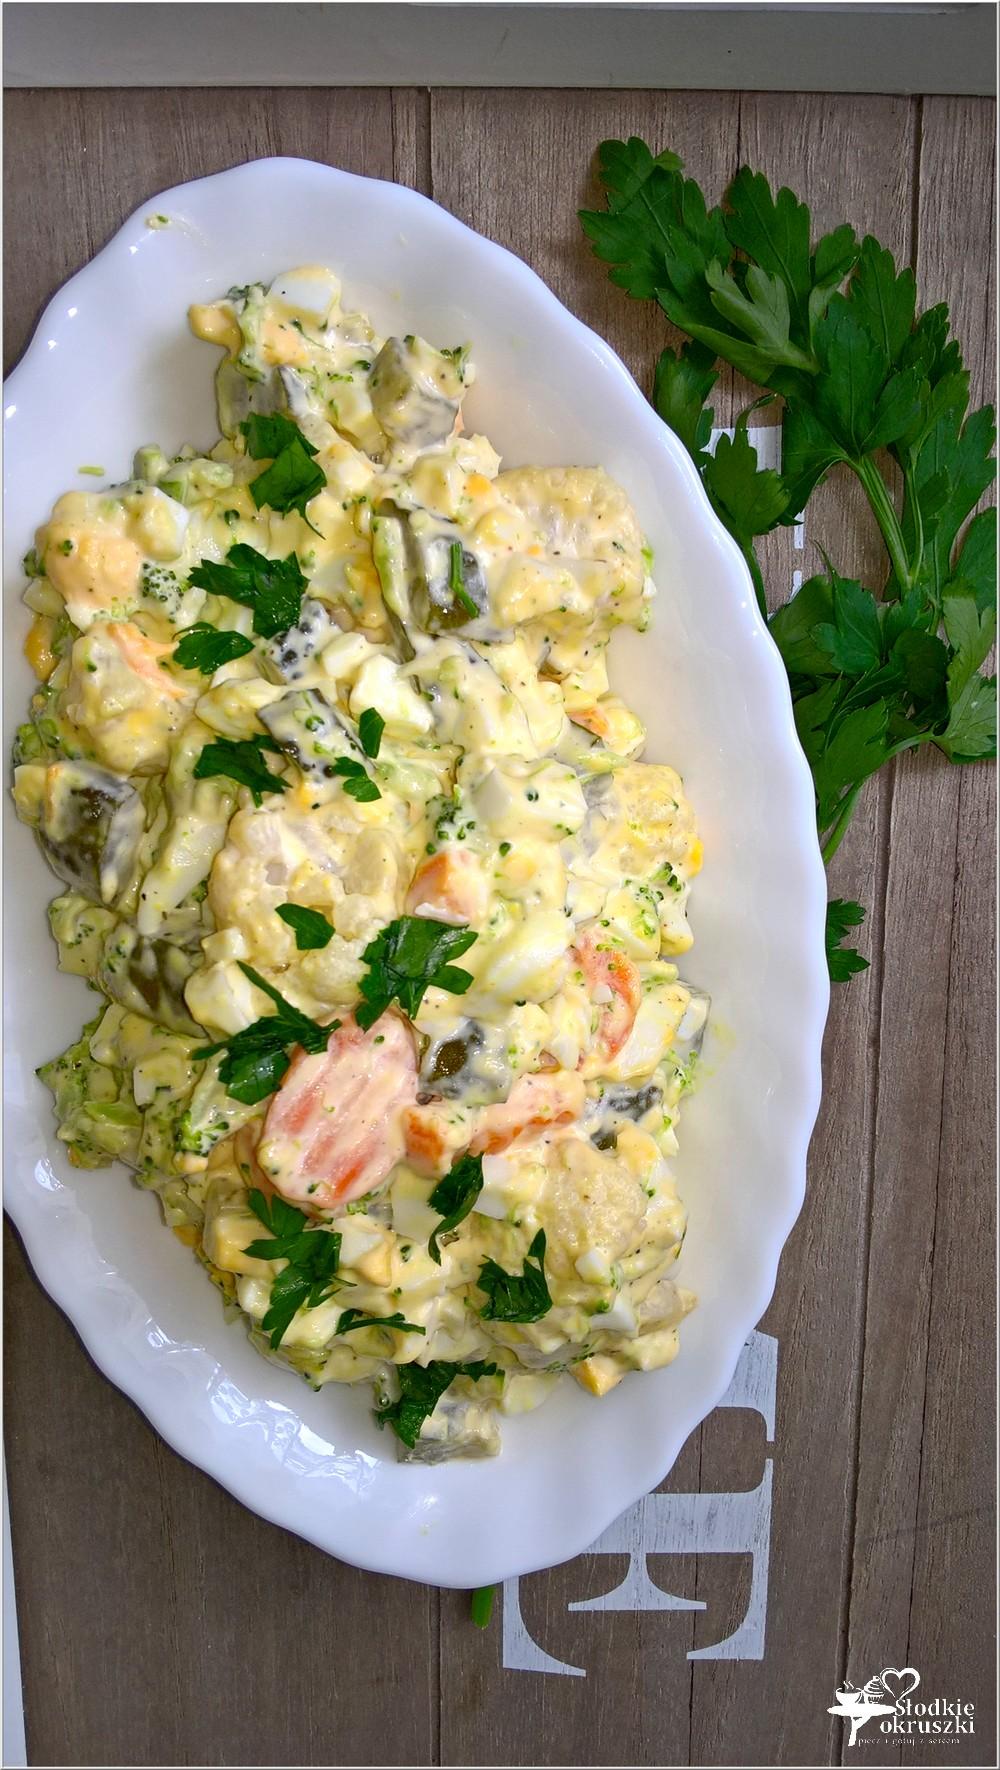 Szybka sałatka z brokułem, kalafiorem i ogórkami (3)